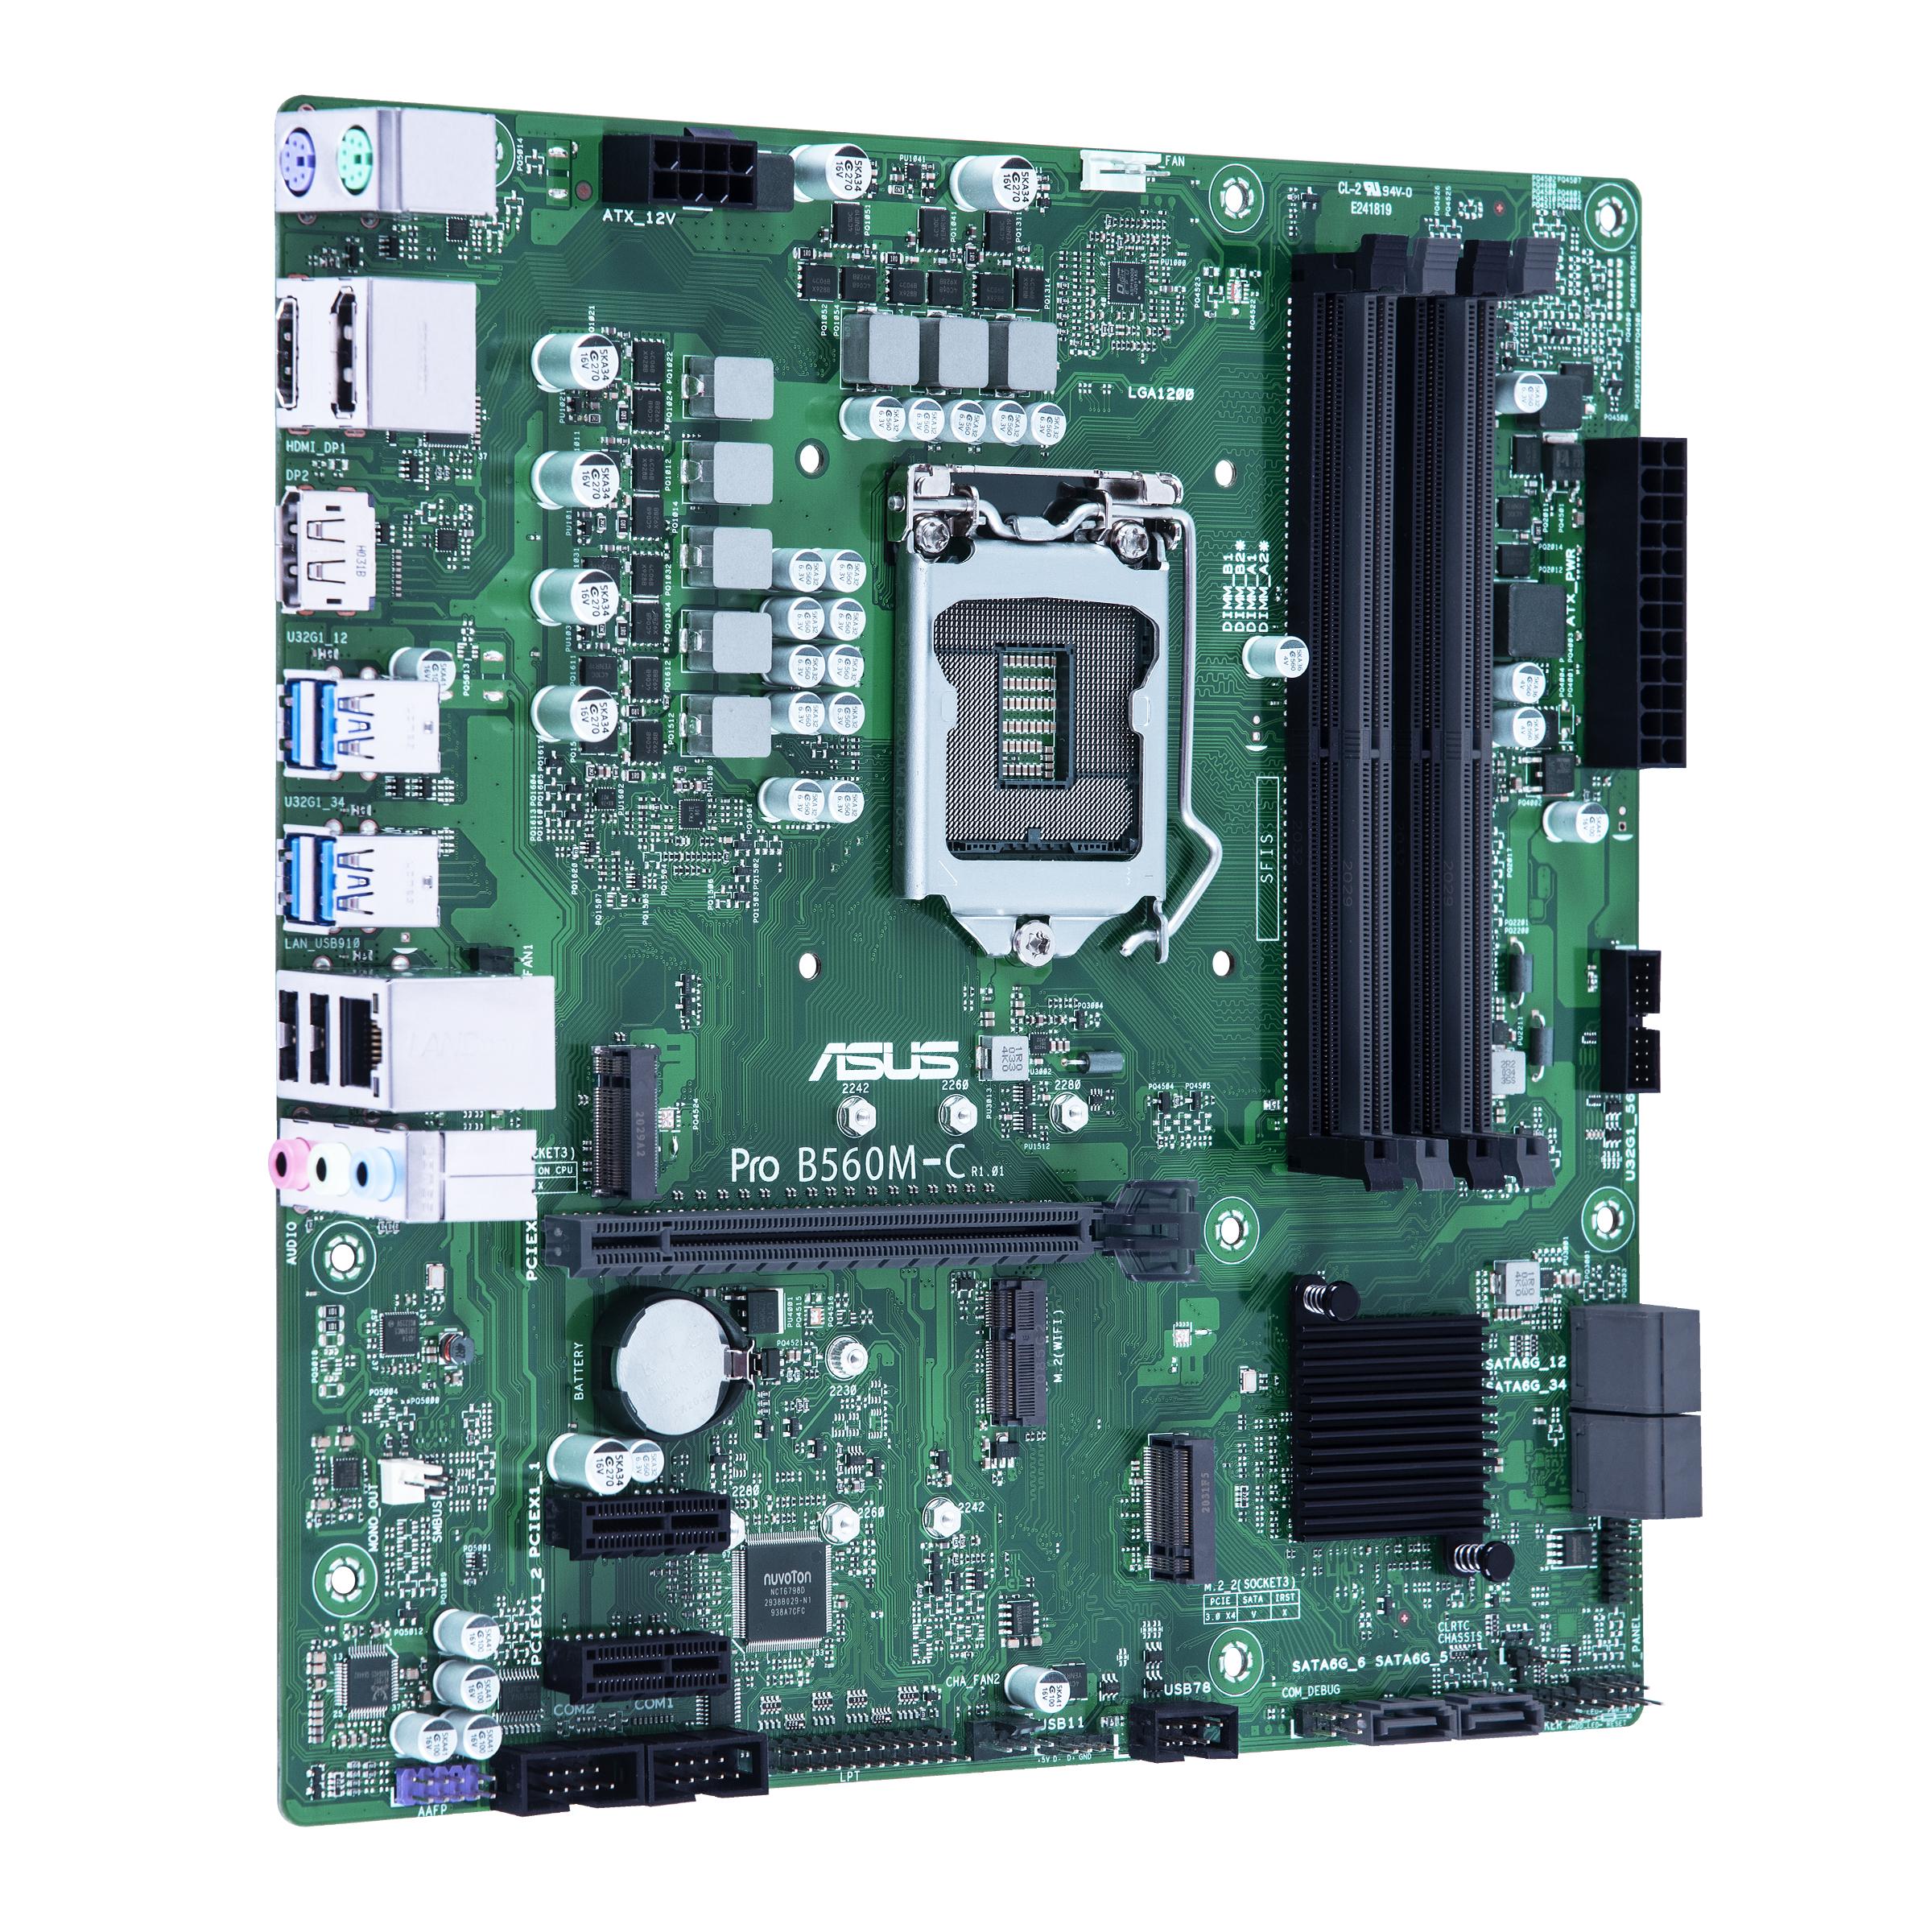 ASUS Pro B560M-C/CSM Mainboard, Socket 1200, B560, 4 x DDR4, 2 x DP1.4, 1 x HDMI, 1 x PCIe 4 x16, 1 x M.2 PCIe 4 (only 11th gen cpu), 1 x M.2 PCIe 3, 6x sata, Intel GBIT LAN